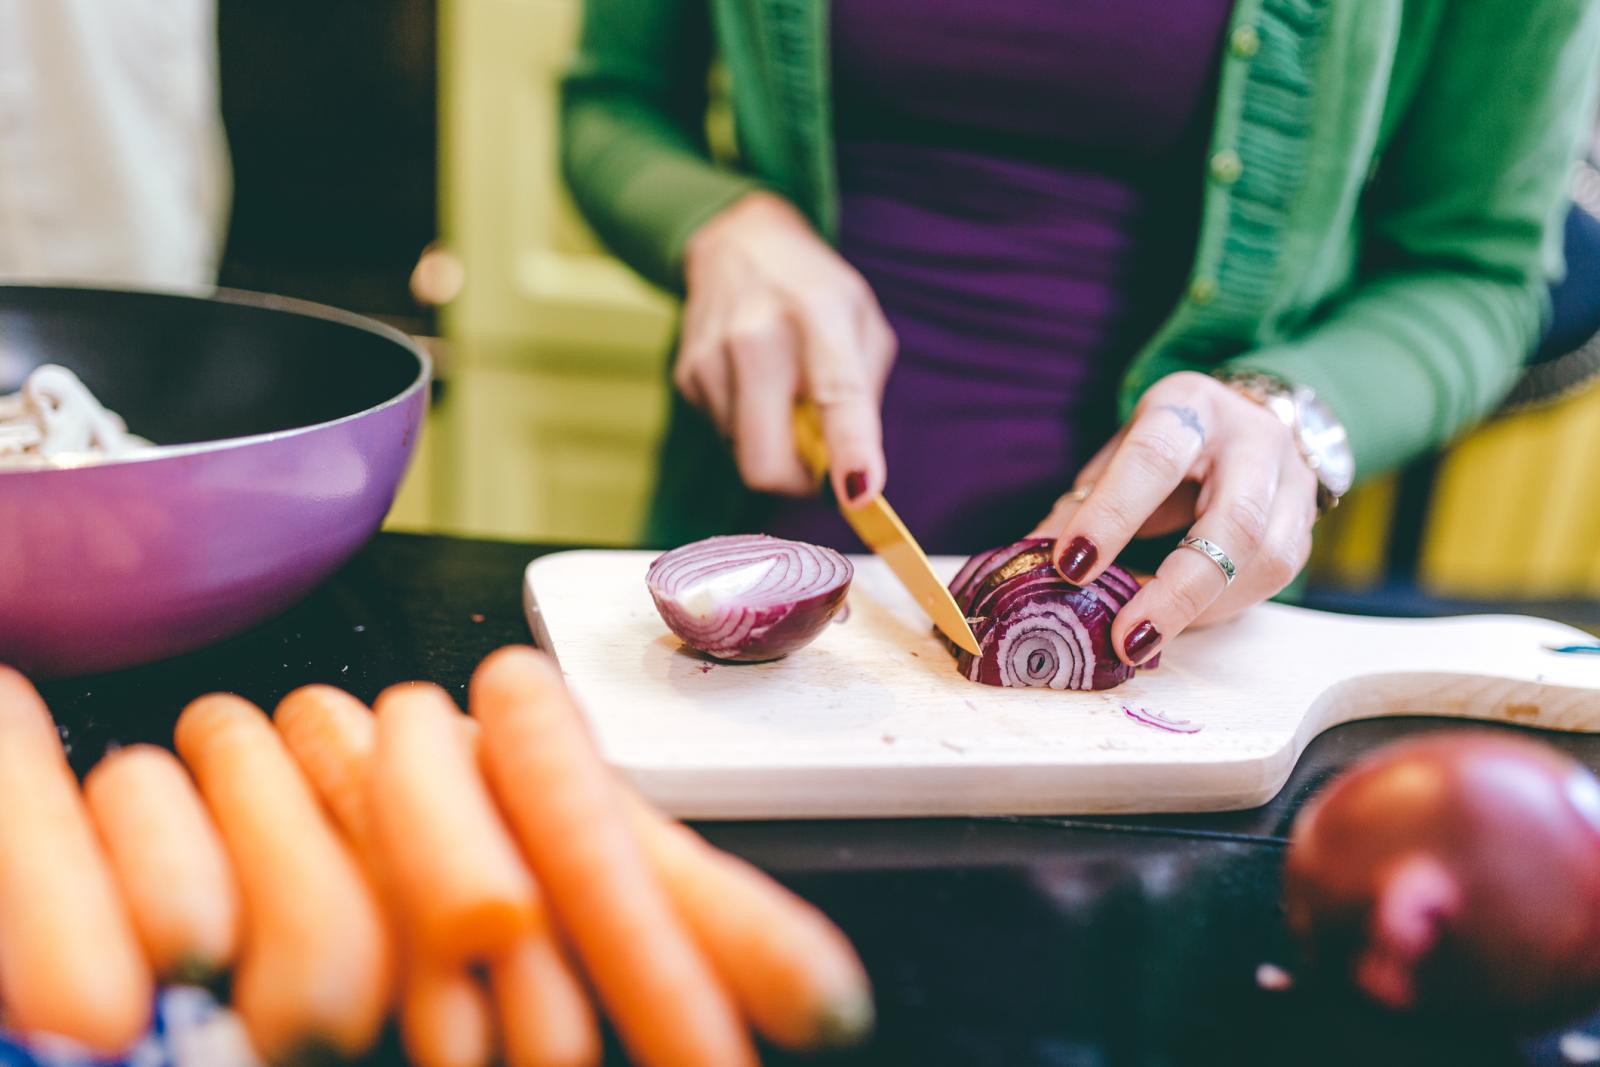 Često nam je u rukama, no jeste li znali koliko je to zapravo zdrava namirnica?